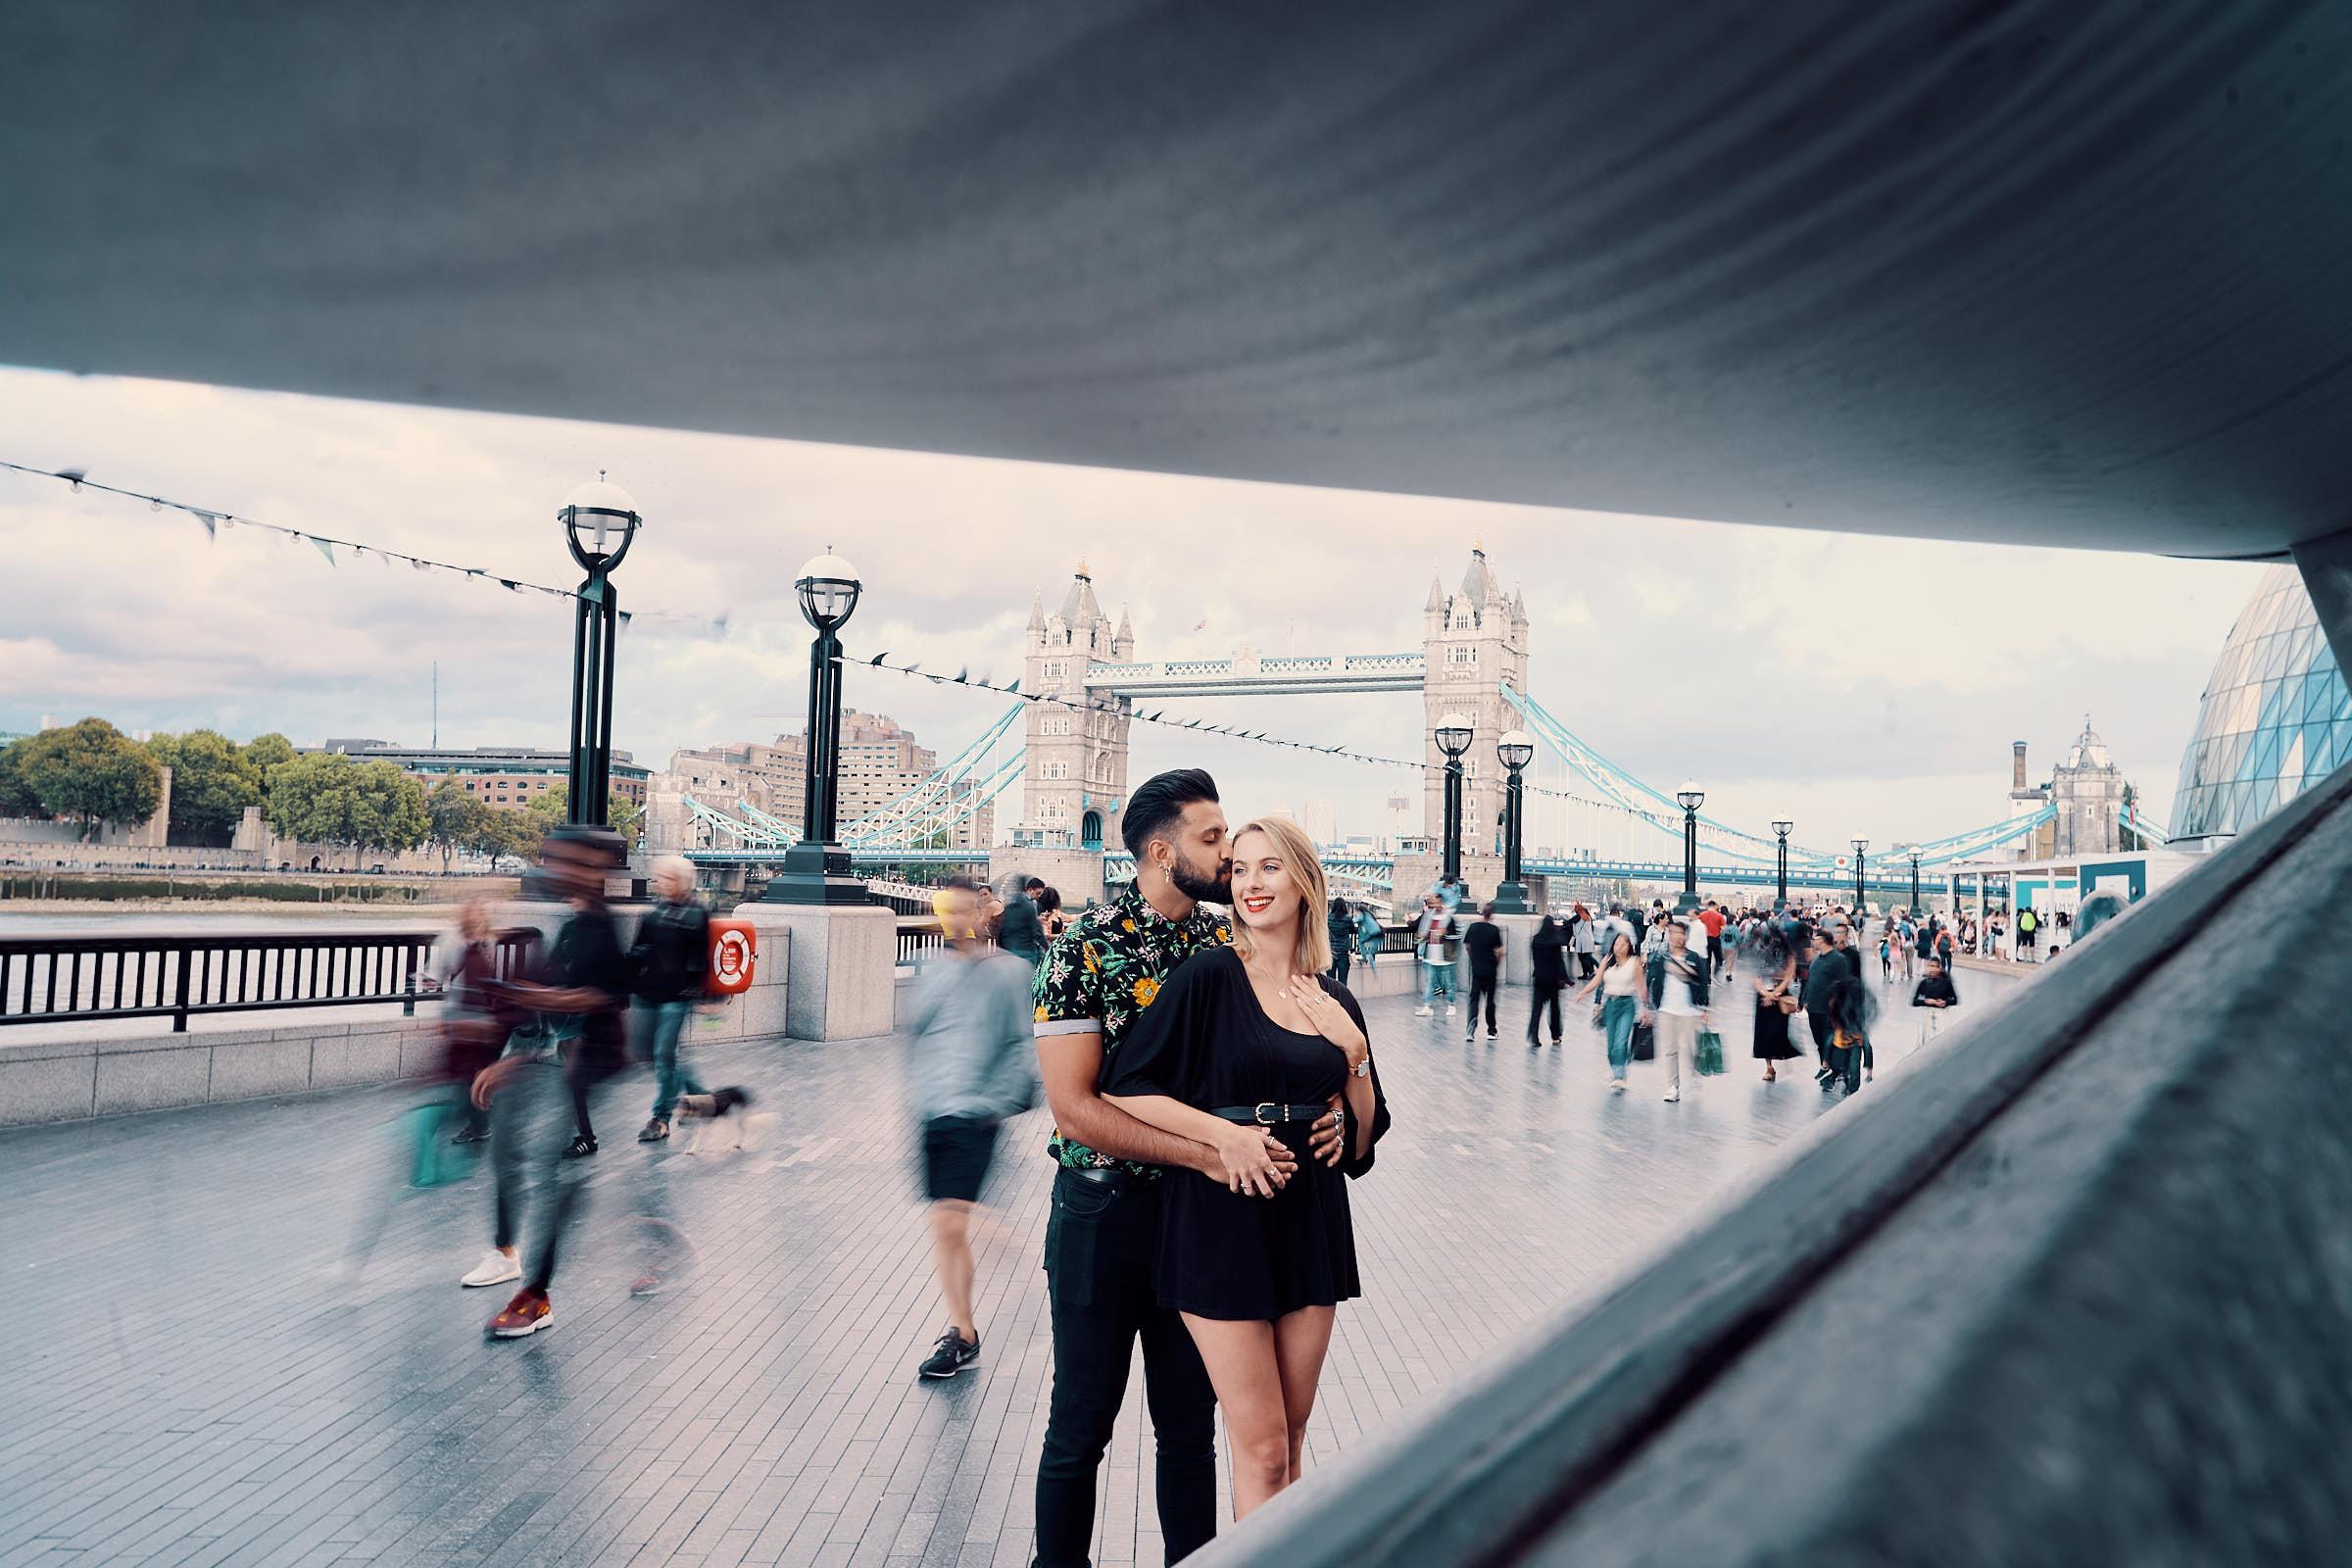 London Bridge Couples Portraits Artistic Picture By A Few Good Clicks